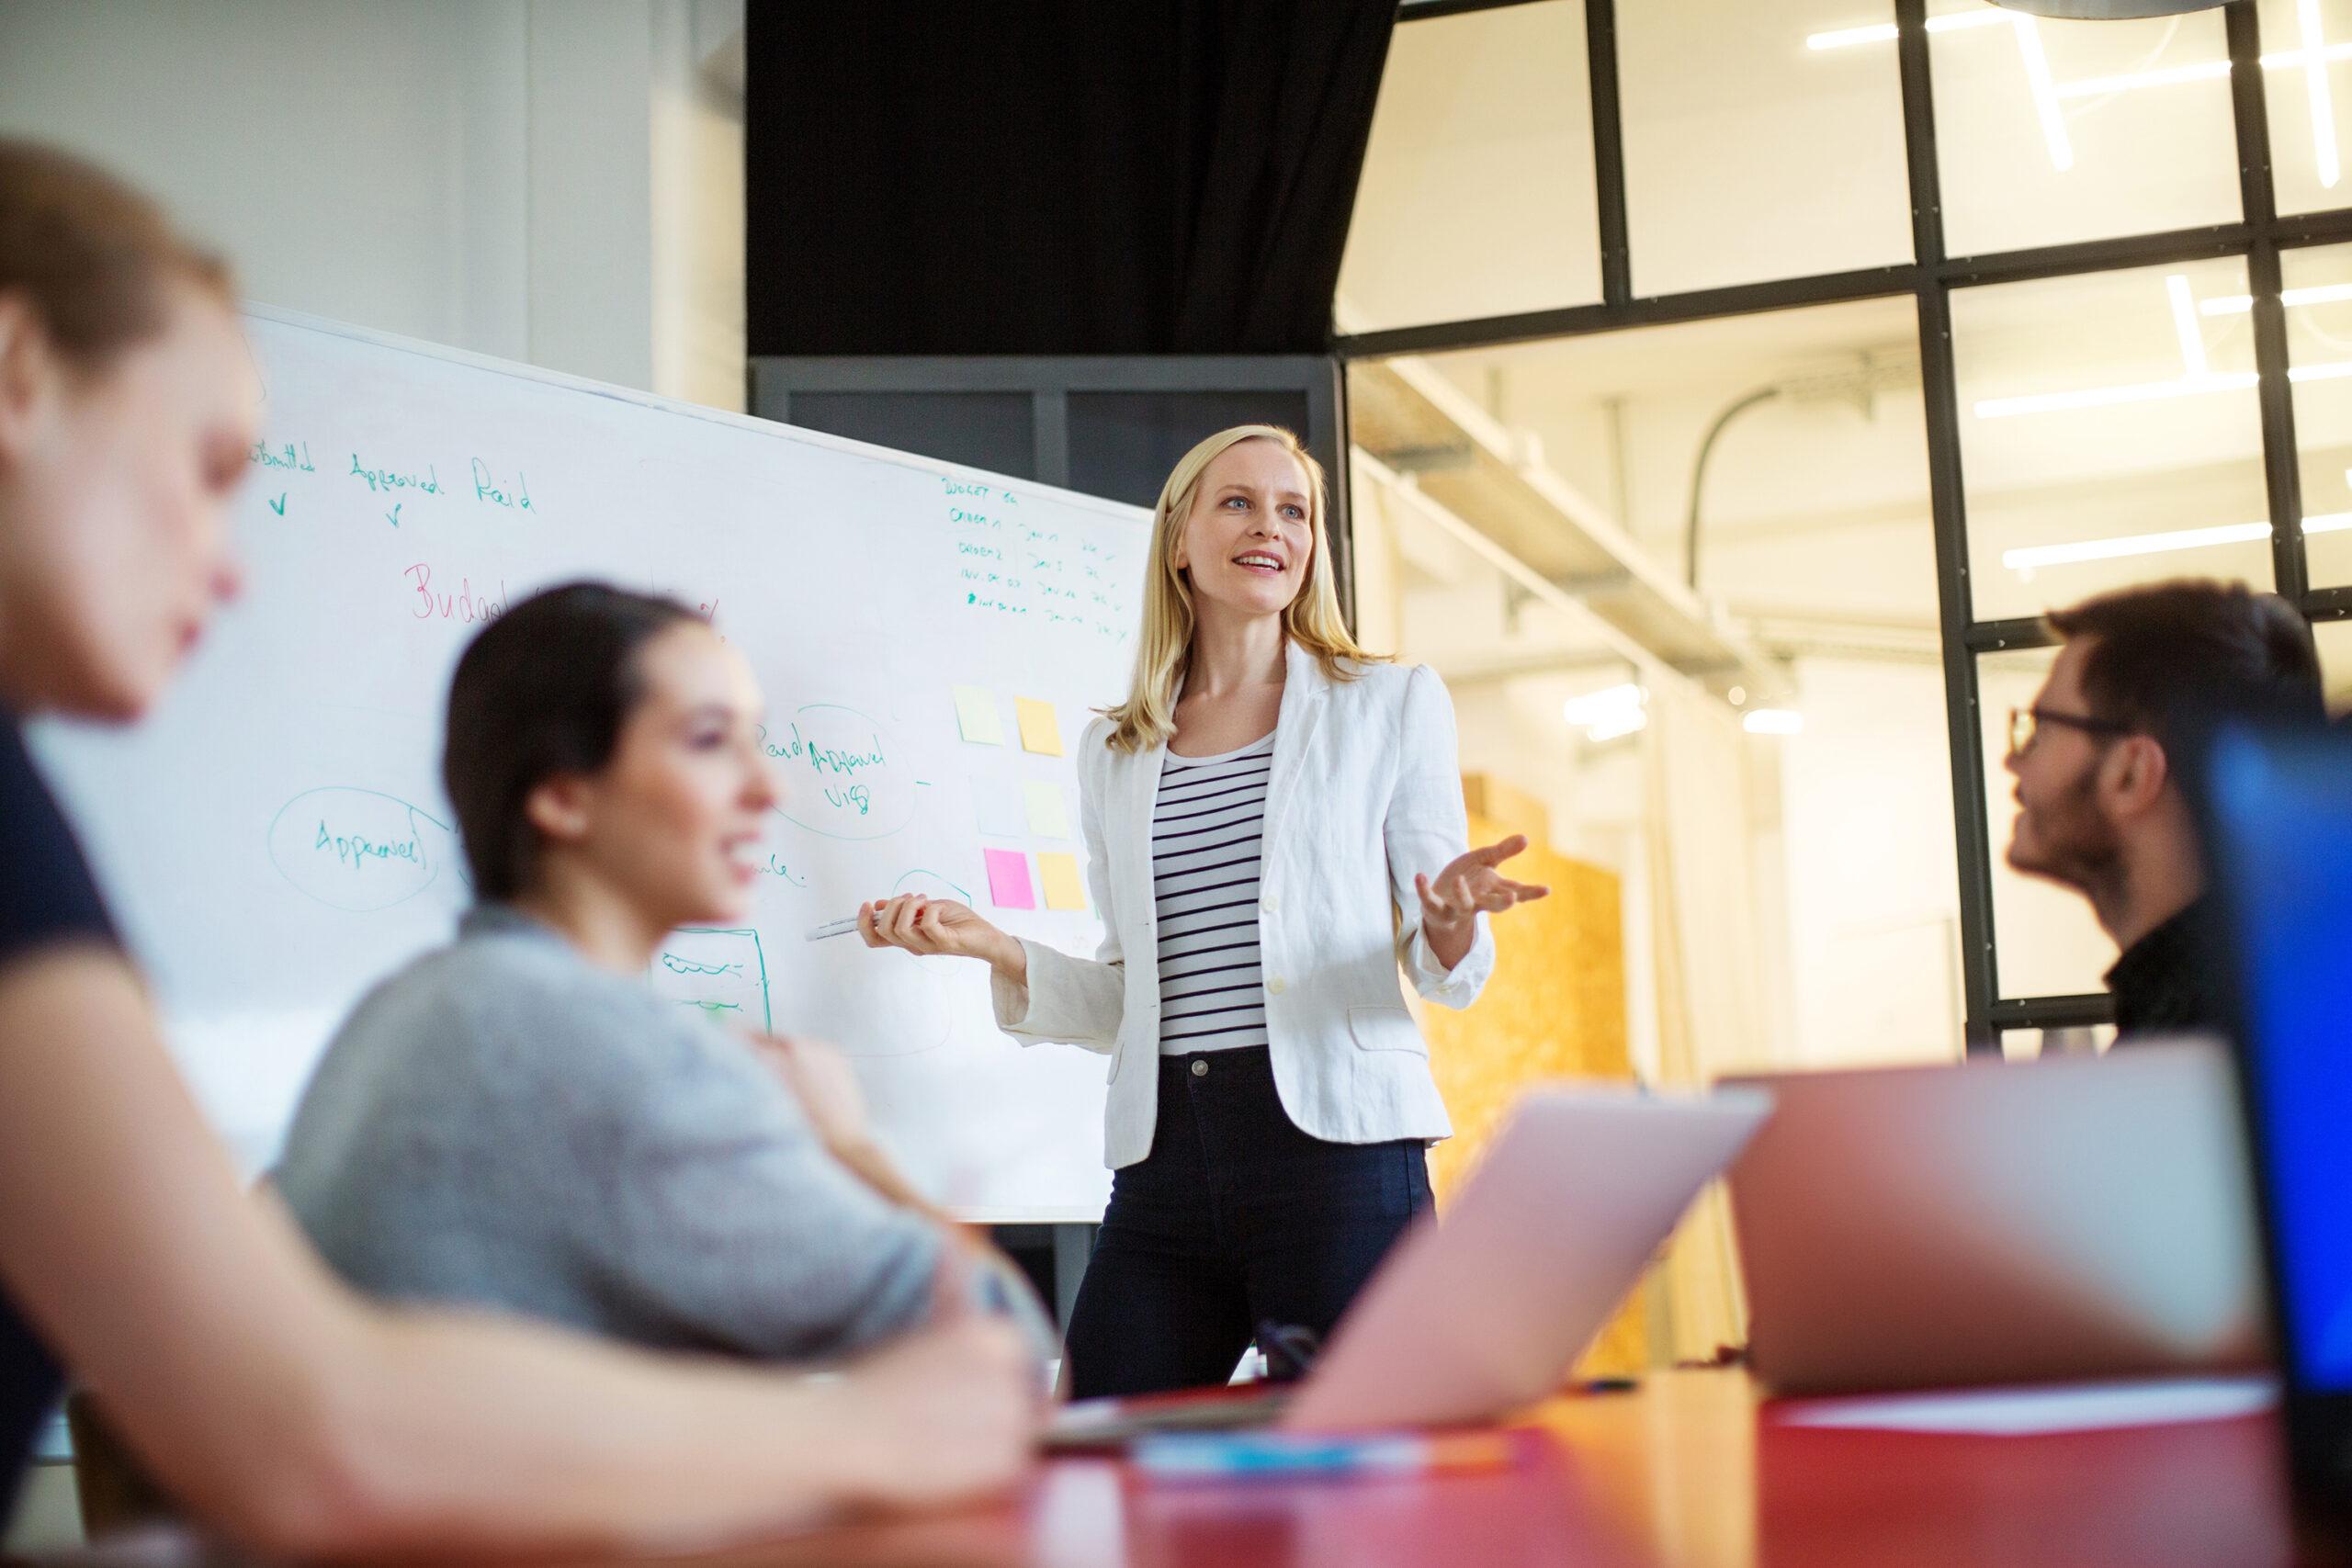 Steuerberatung für Startups und Gründer